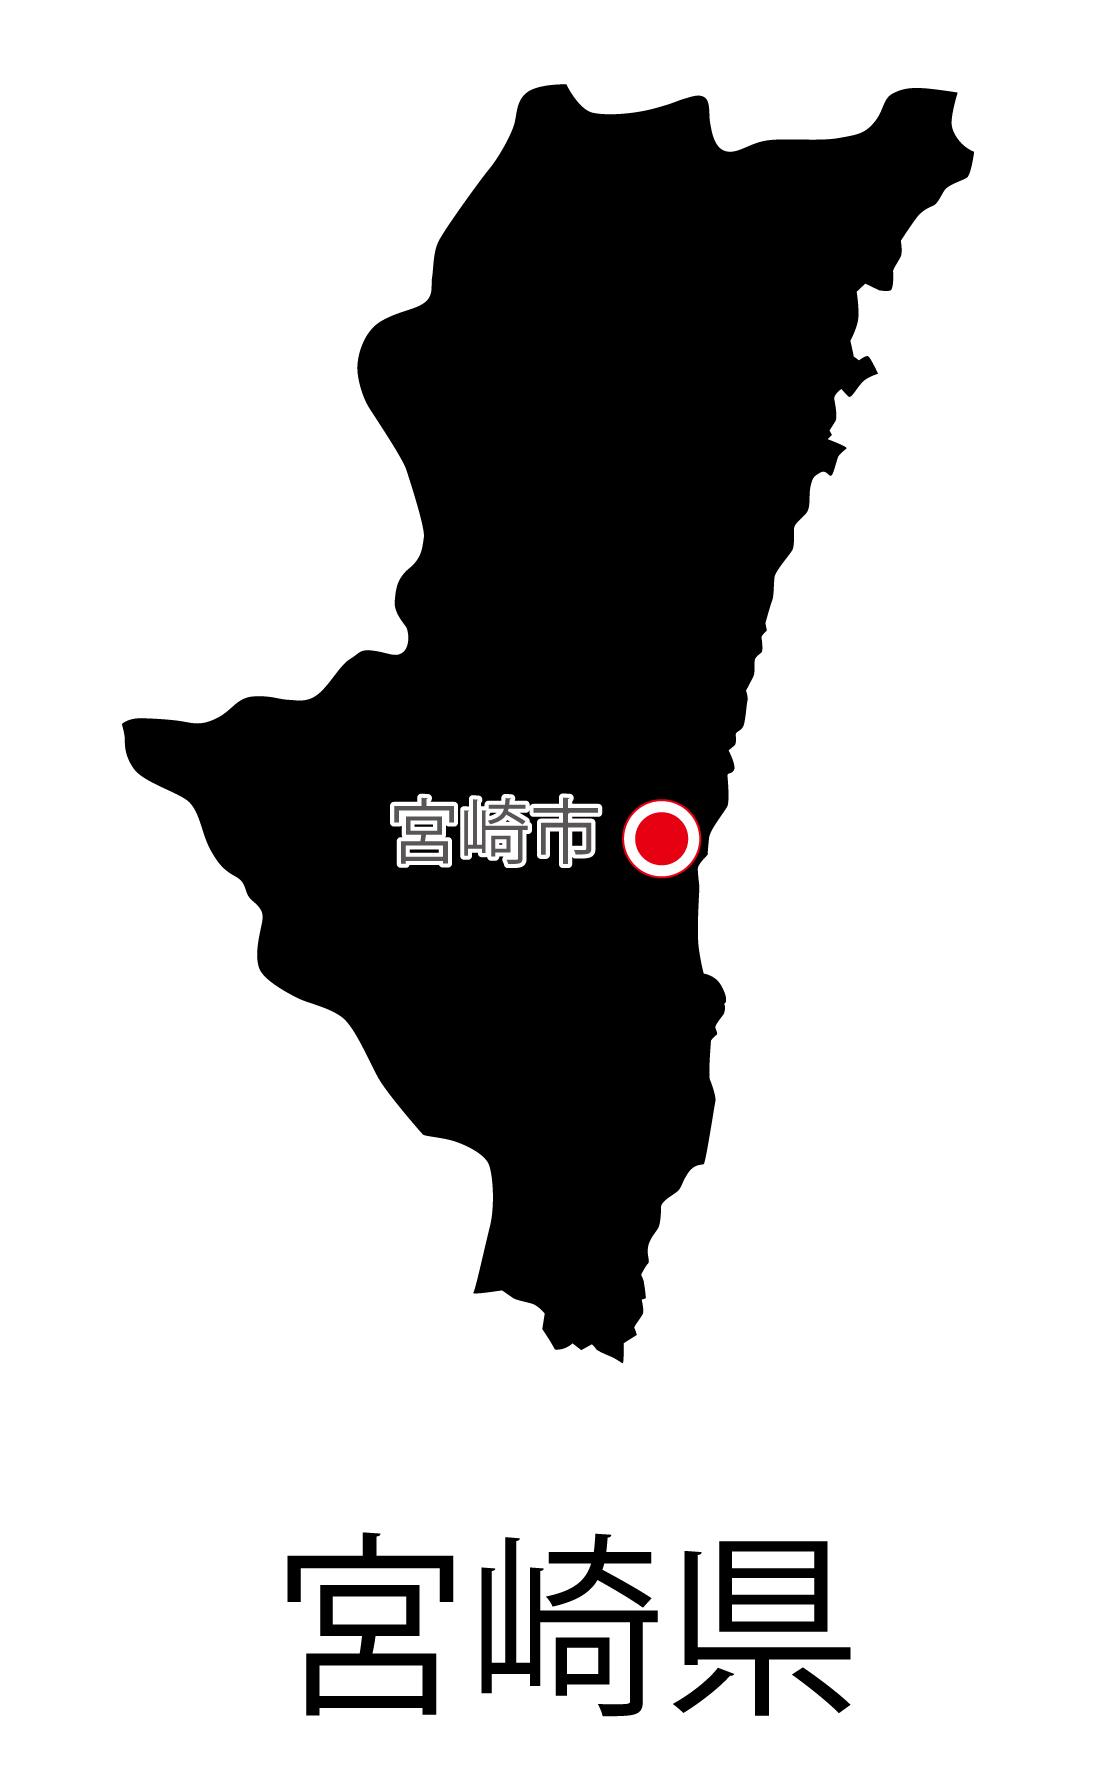 宮崎県無料フリーイラスト|日本語・都道府県名あり・県庁所在地あり(黒)